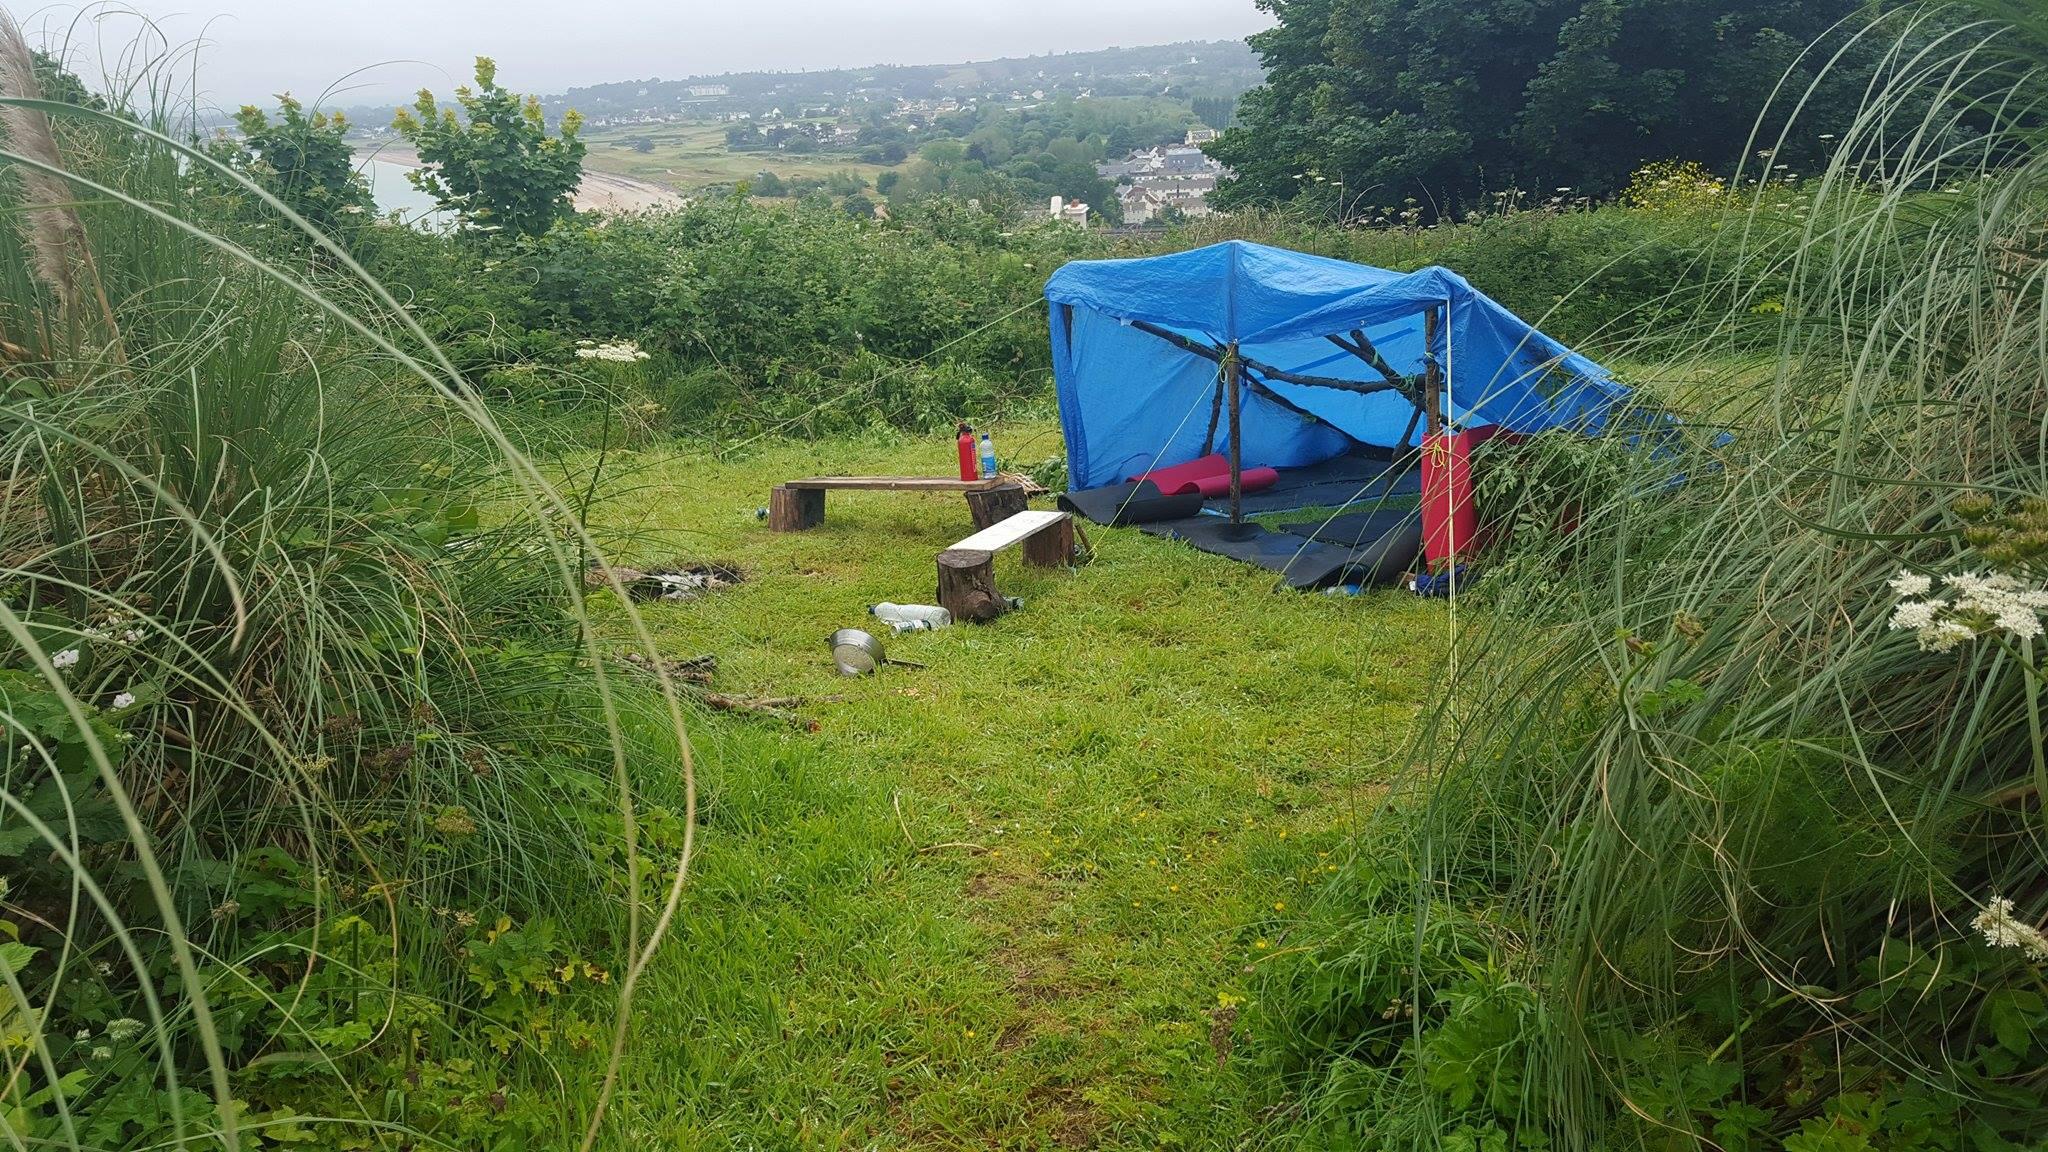 24 Hour Survival challenge shelter